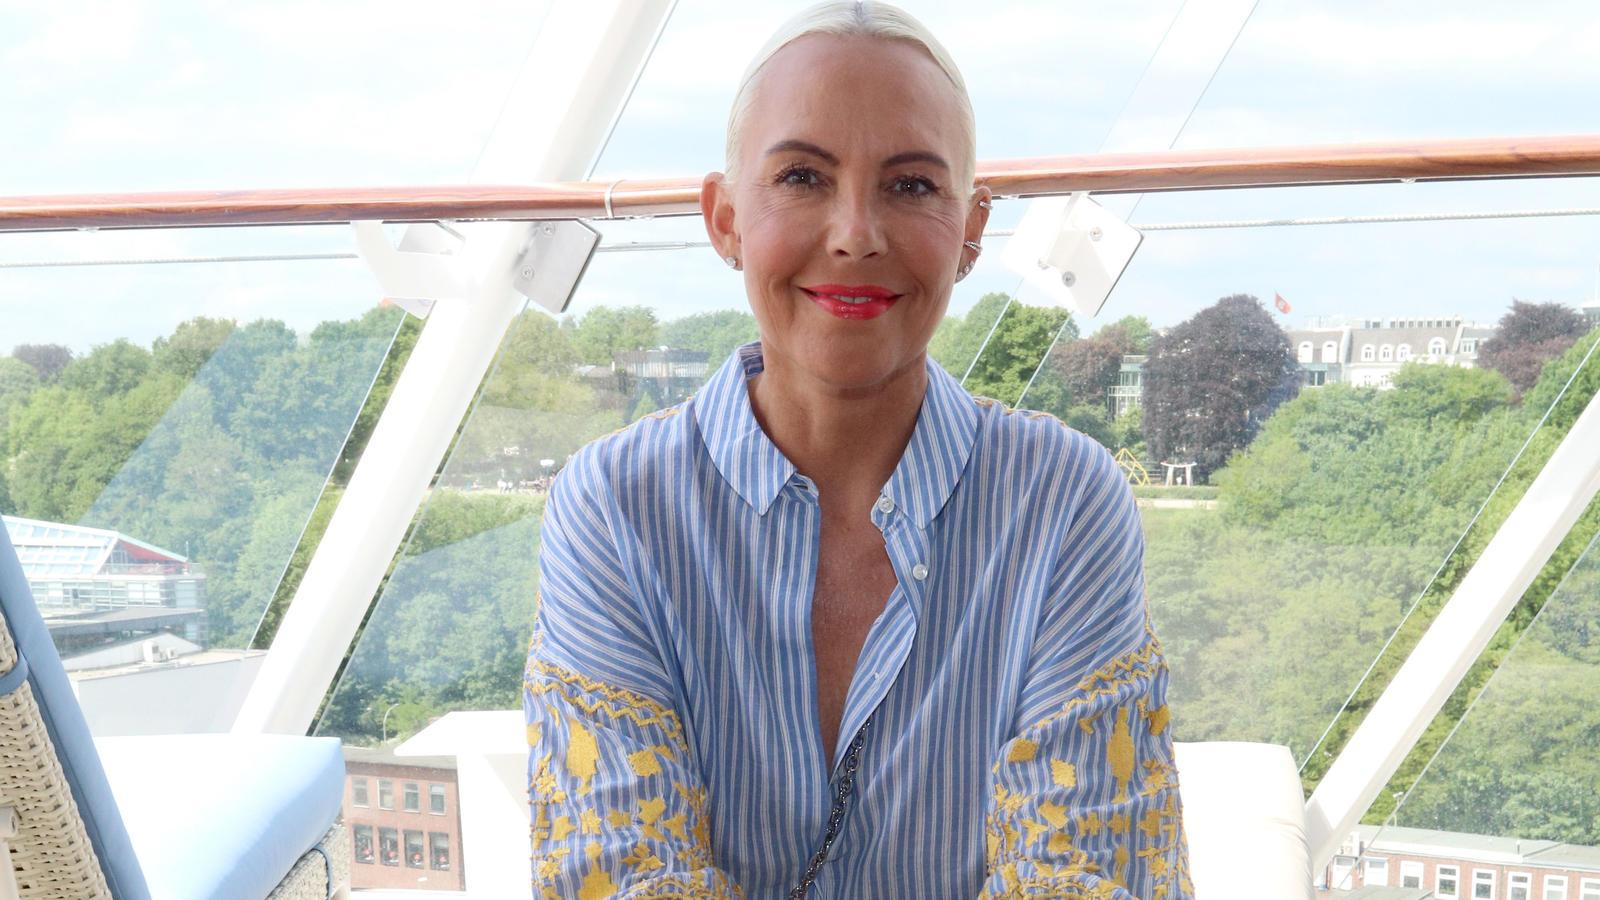 Natascha Ochsenknecht im Sleek Look: So sieht sie jetzt nicht mehr aus.